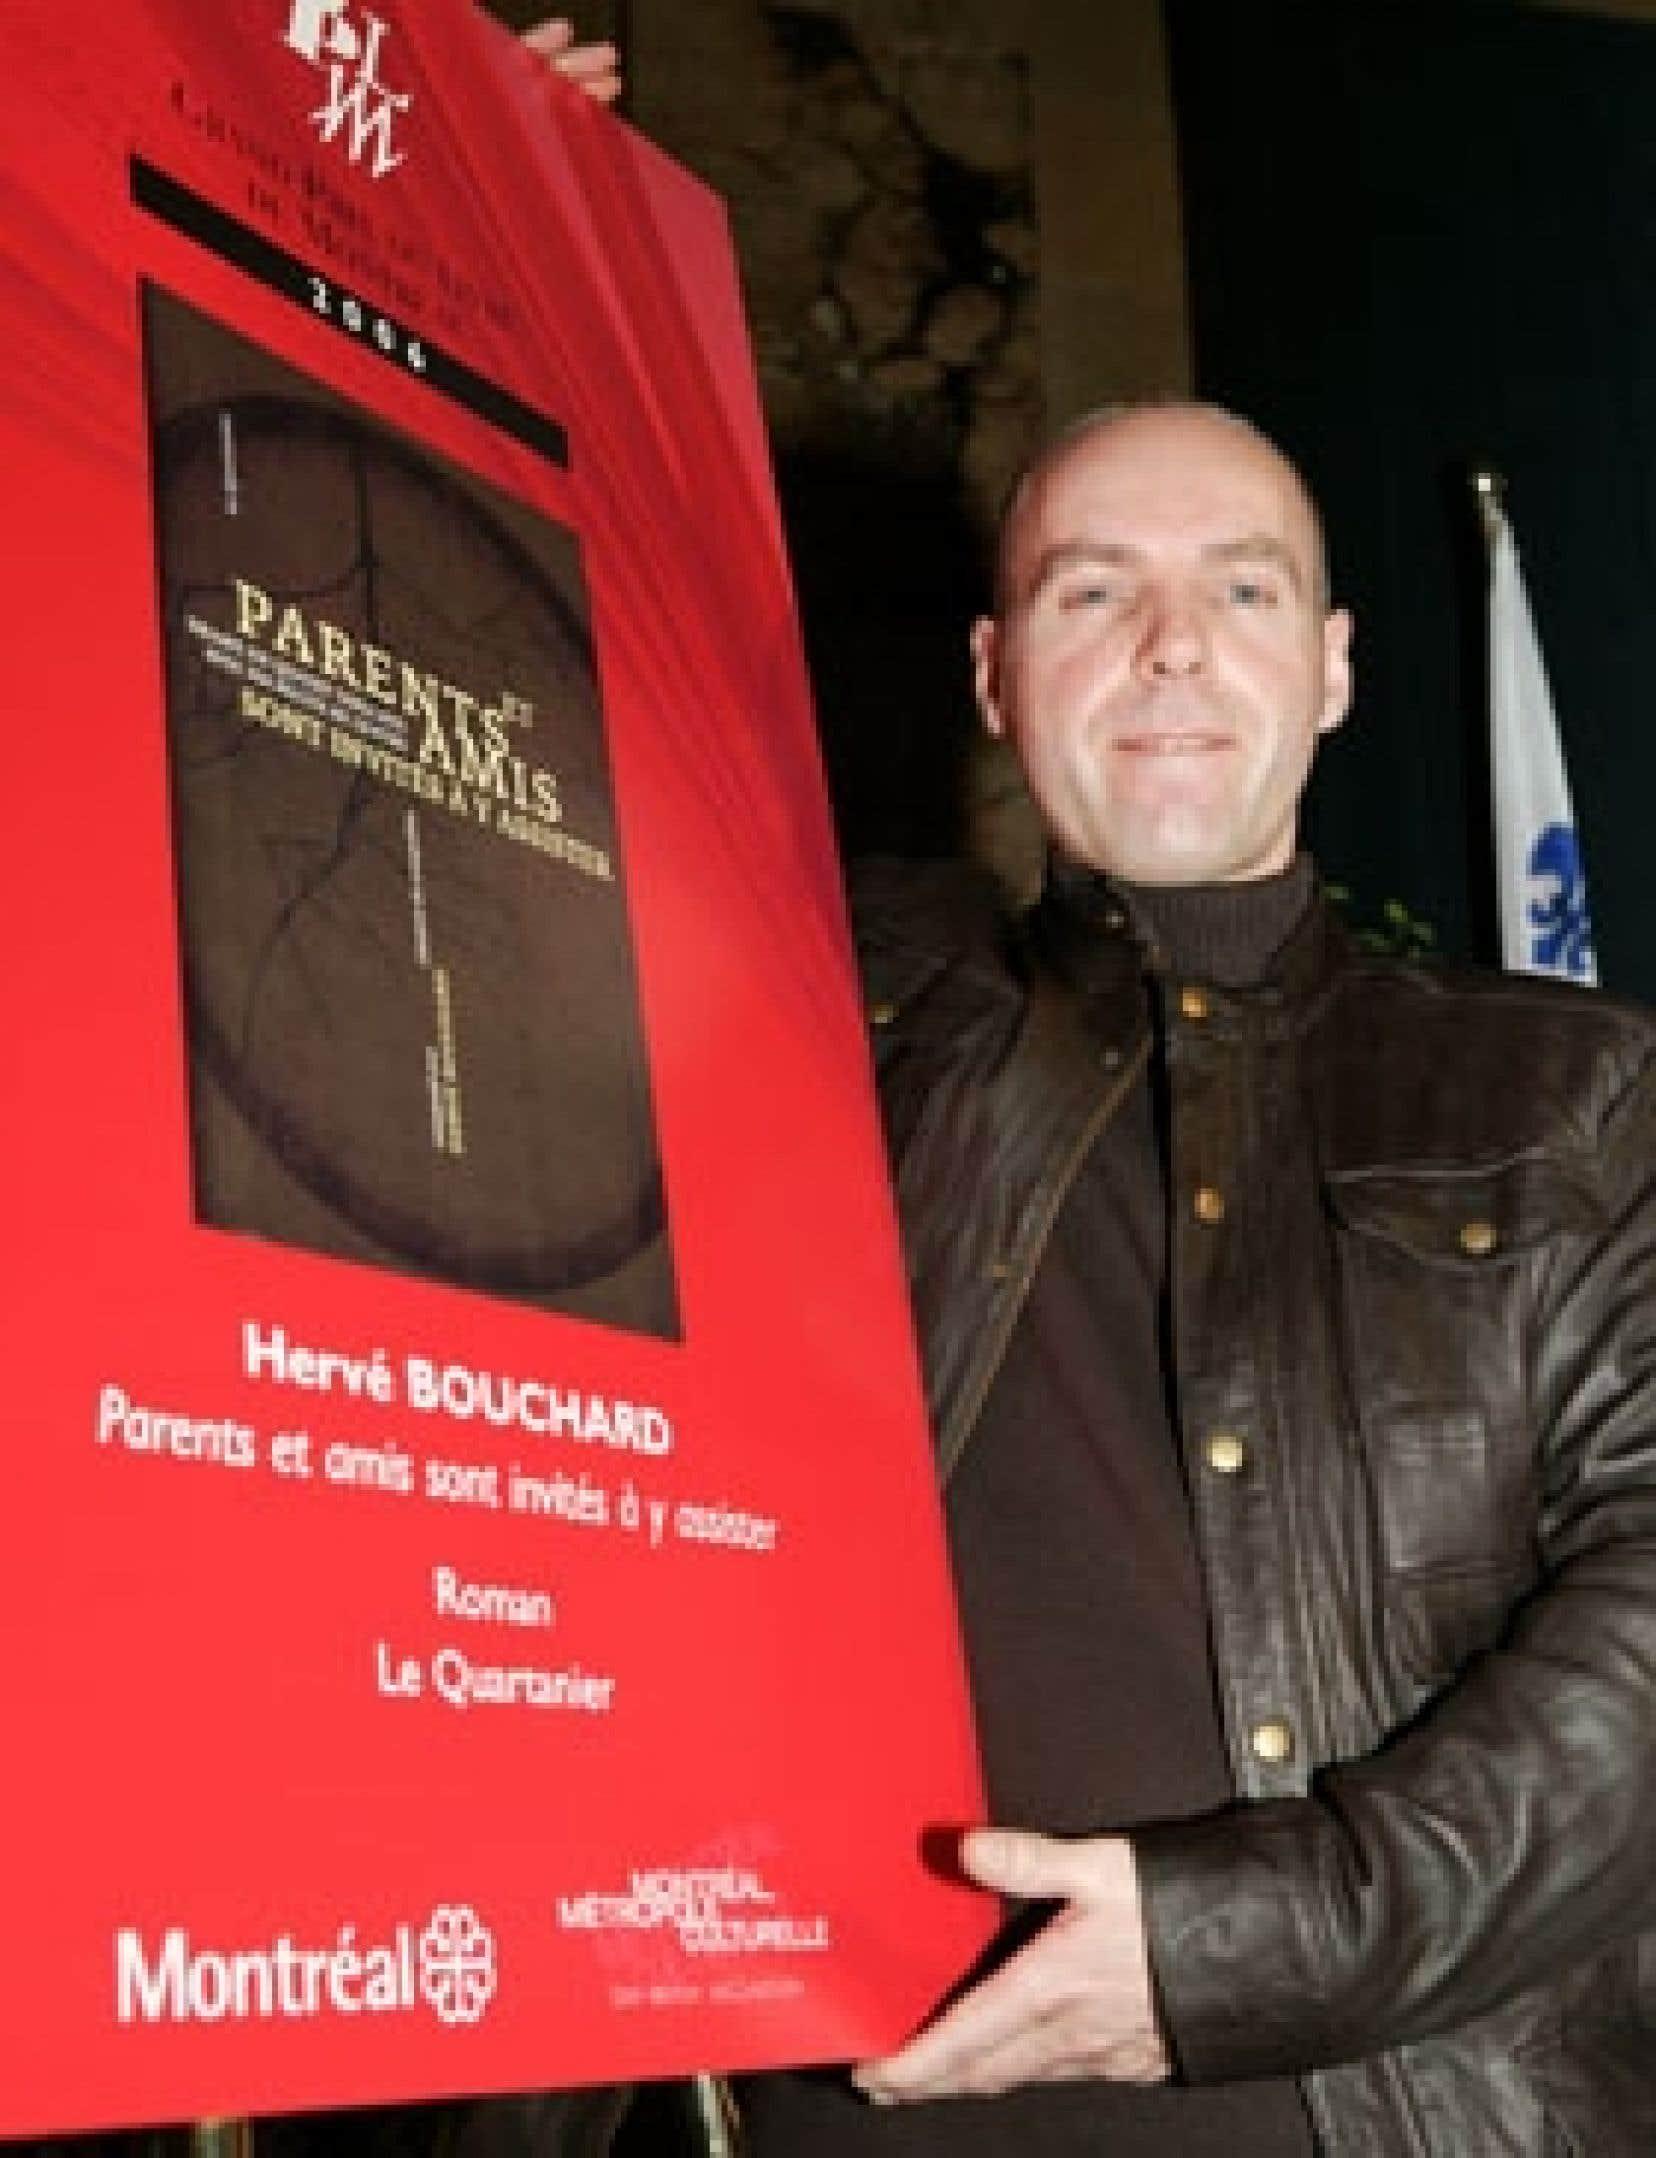 Hervé Bouchard